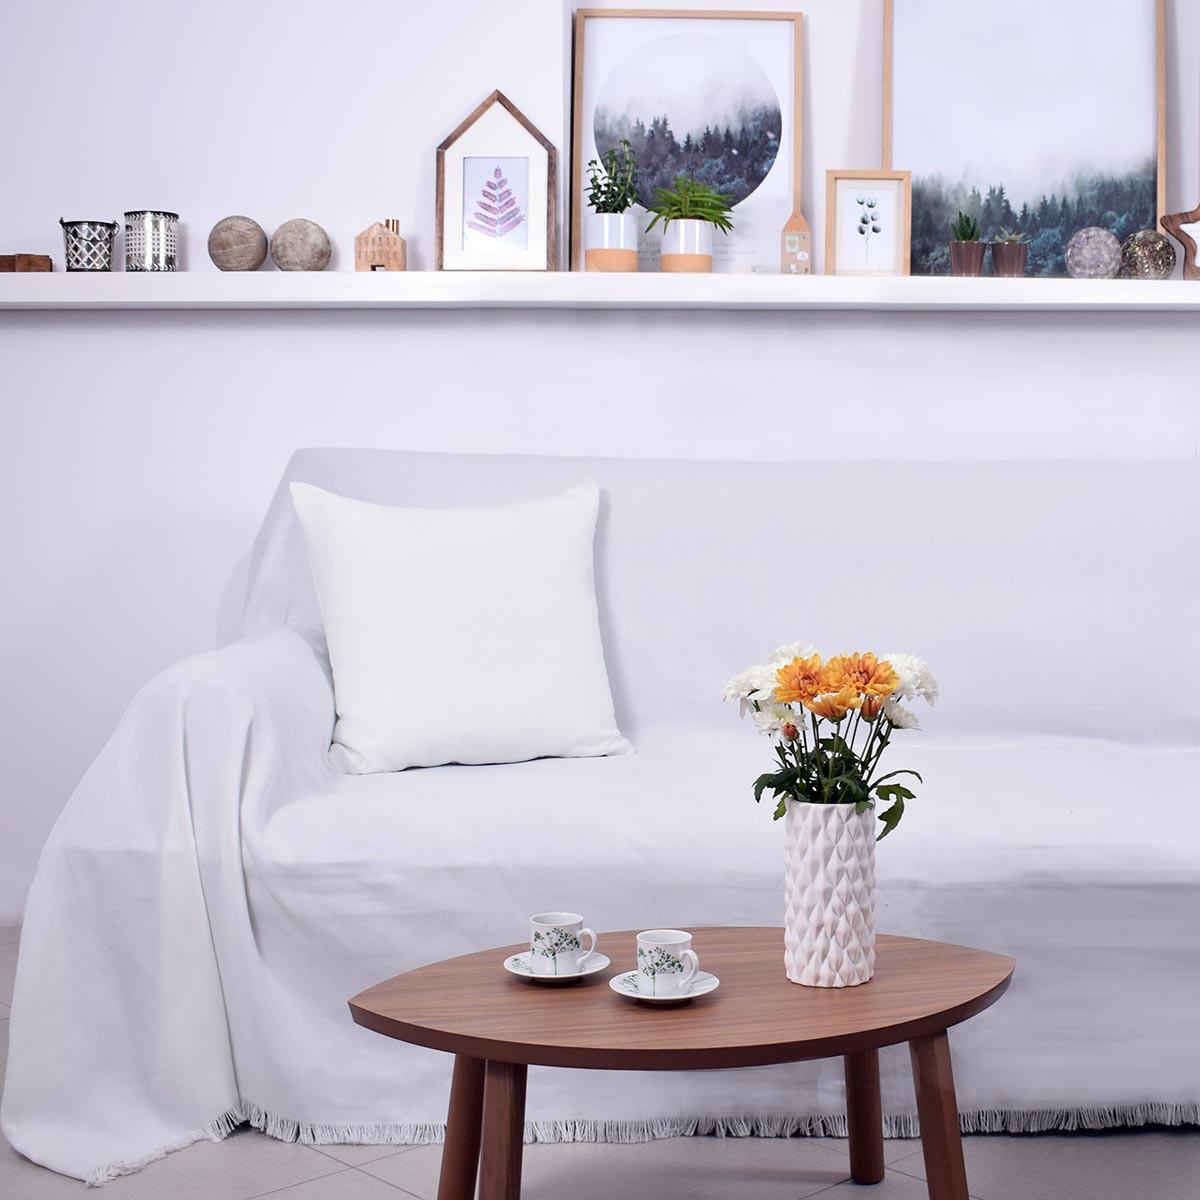 Ριχτάρι Πολυθρόνας (180×180) Ravelia Frugal White